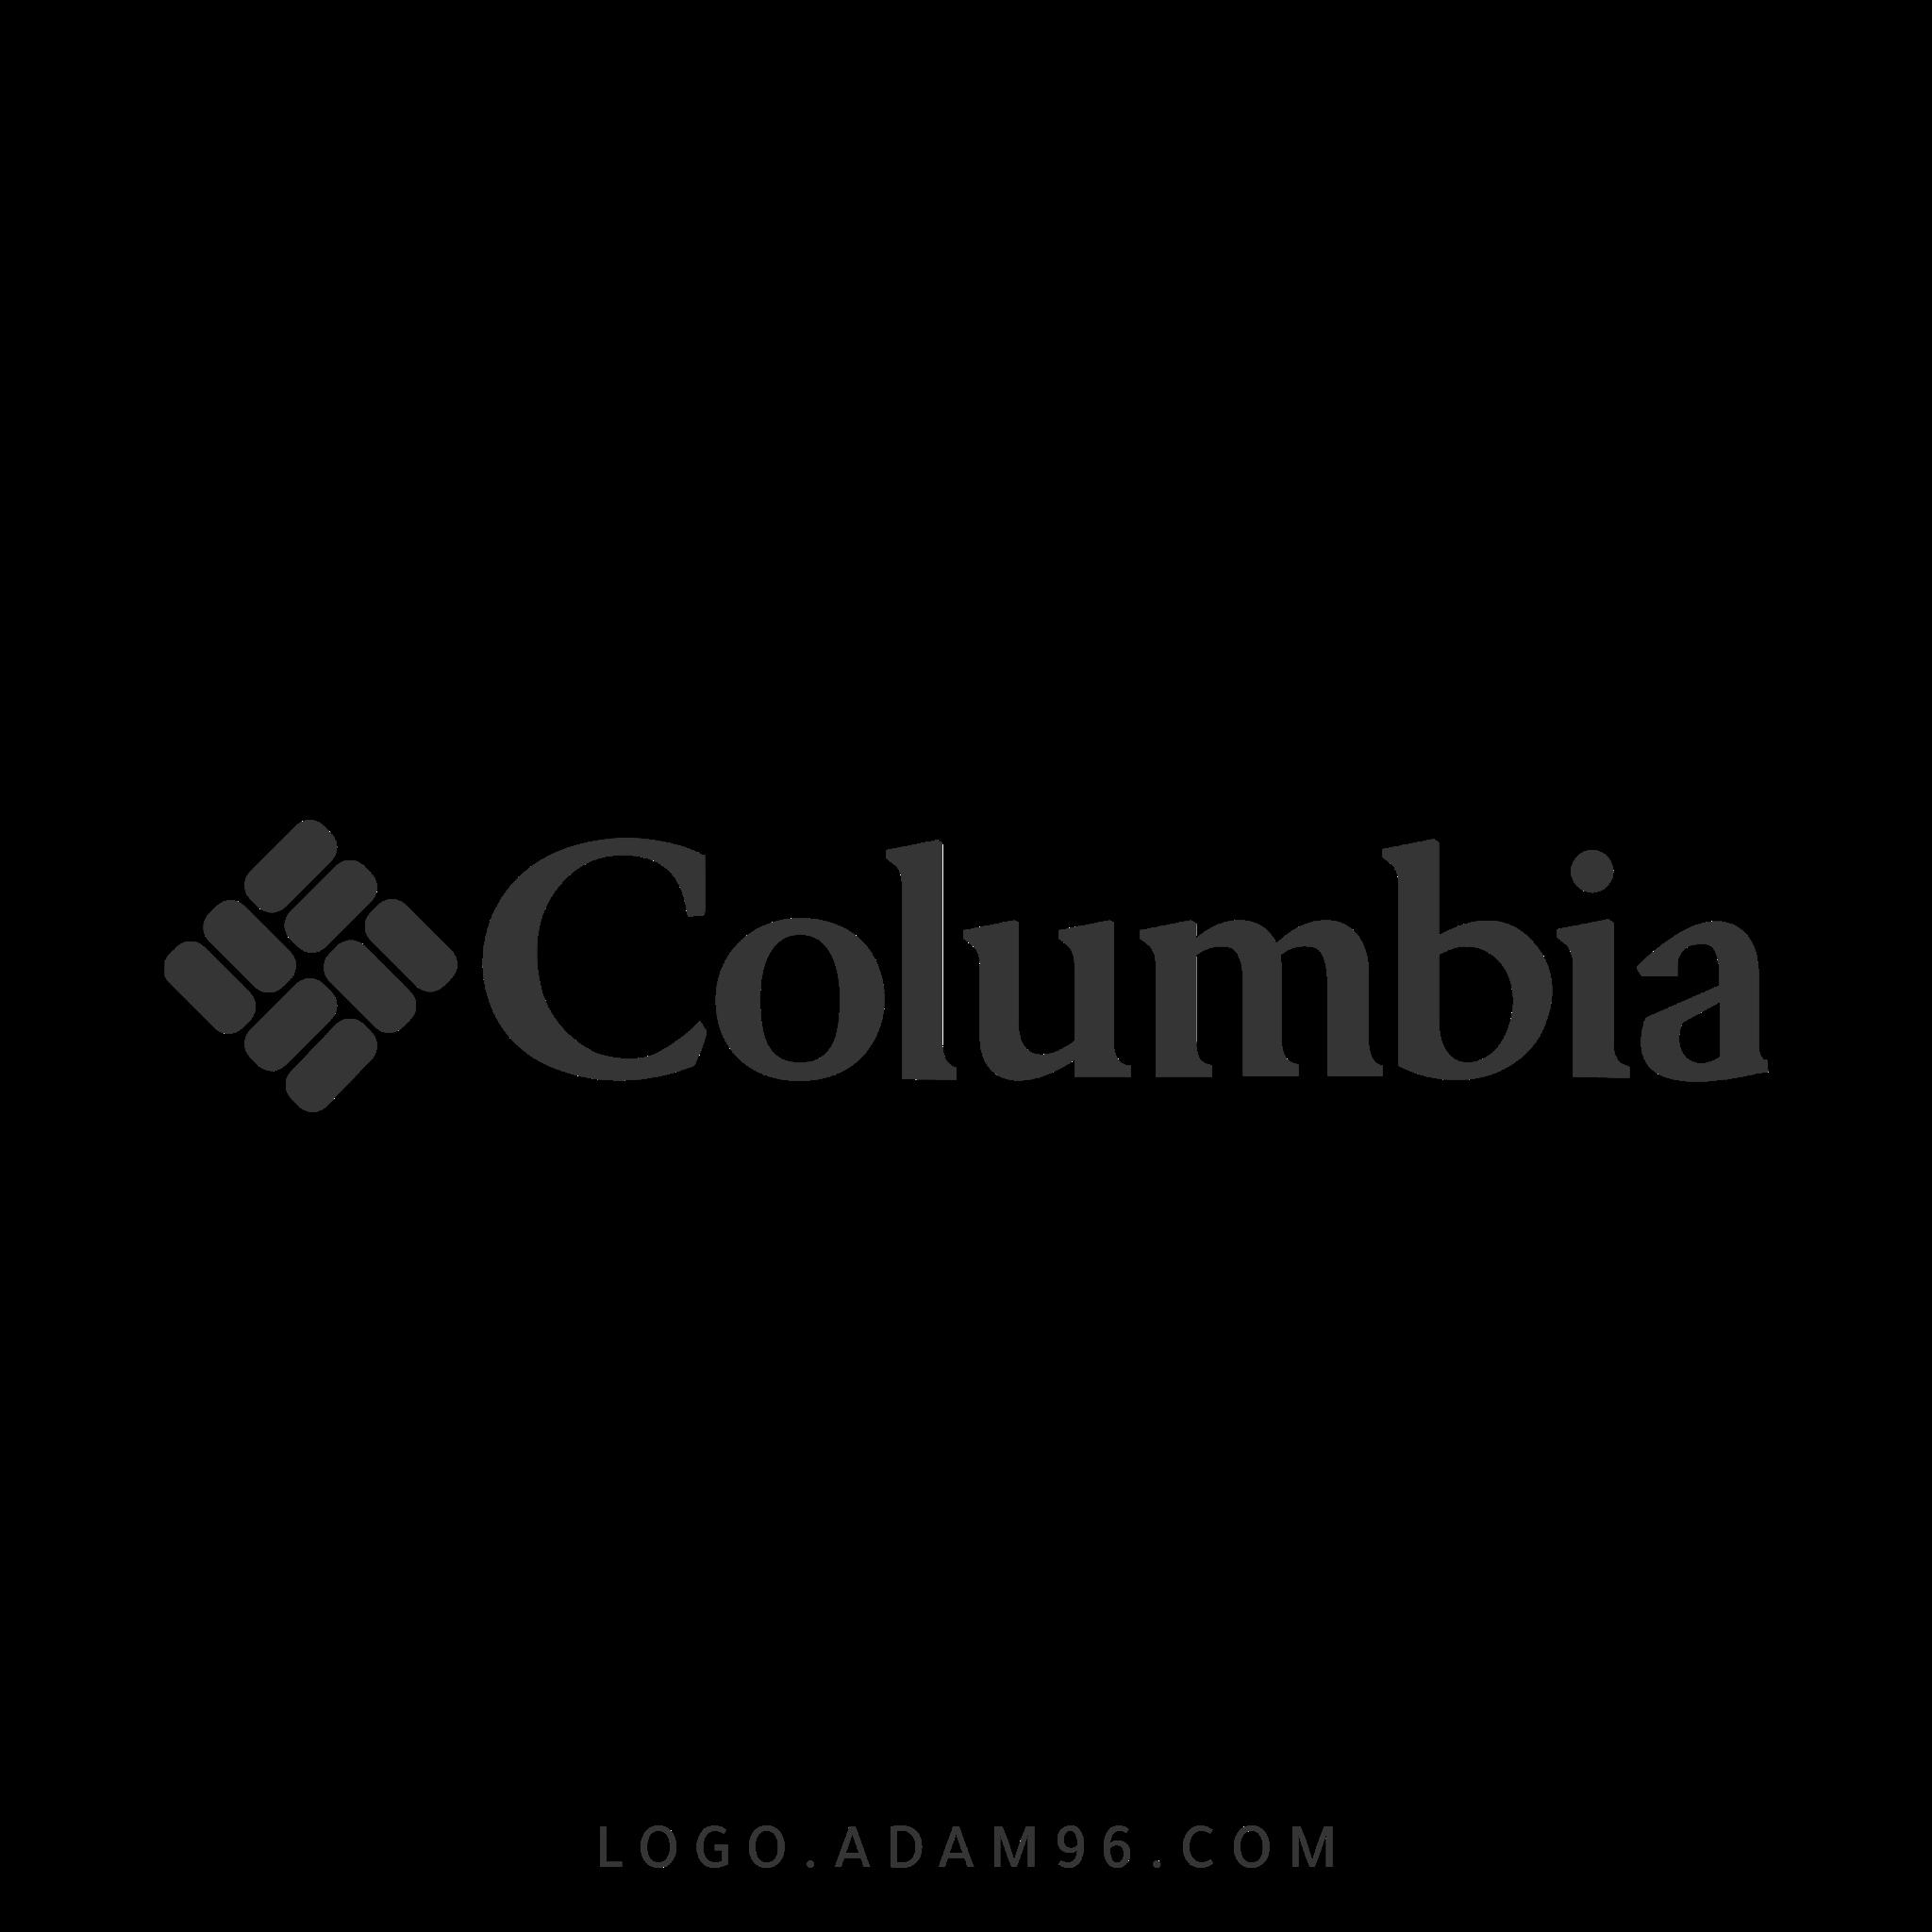 تحميل شعار شركة الموضة كولومبيا سبورتزوير لوجو شفاف Logo Columbia PNG